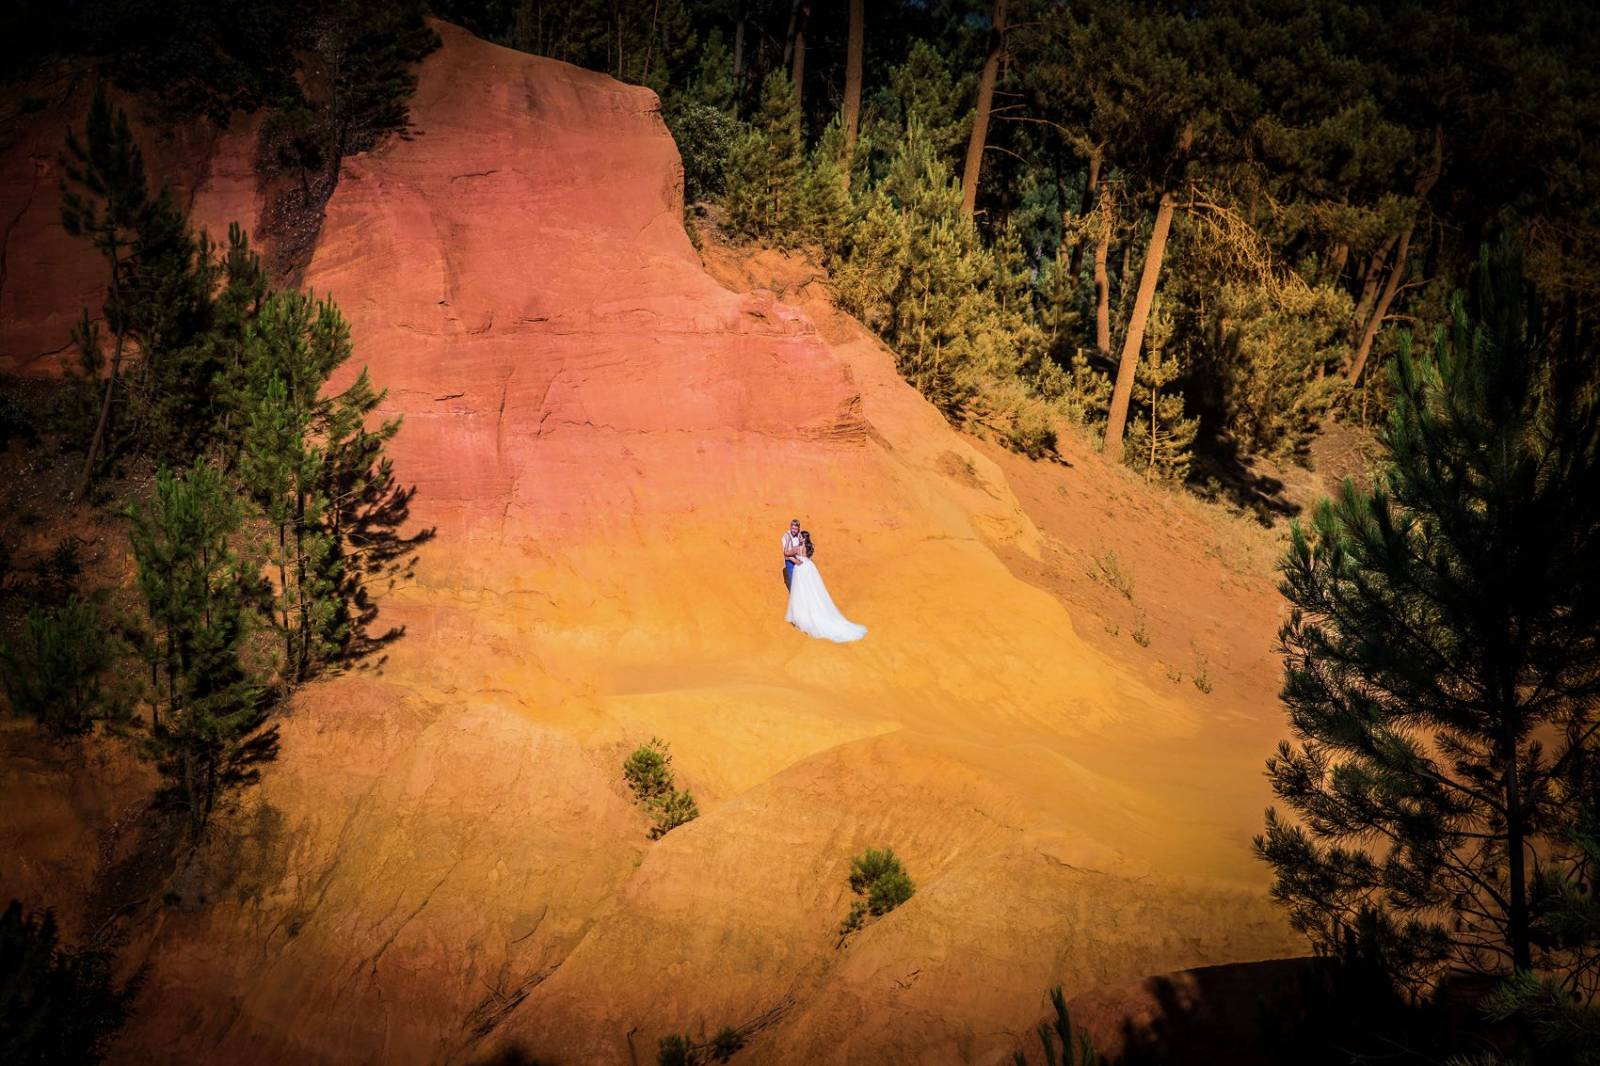 Cinderella Photographie - Trouwen in frankrijk - Huwelijksfotograaf - Trouwfotograaf - House of Weddings - 12